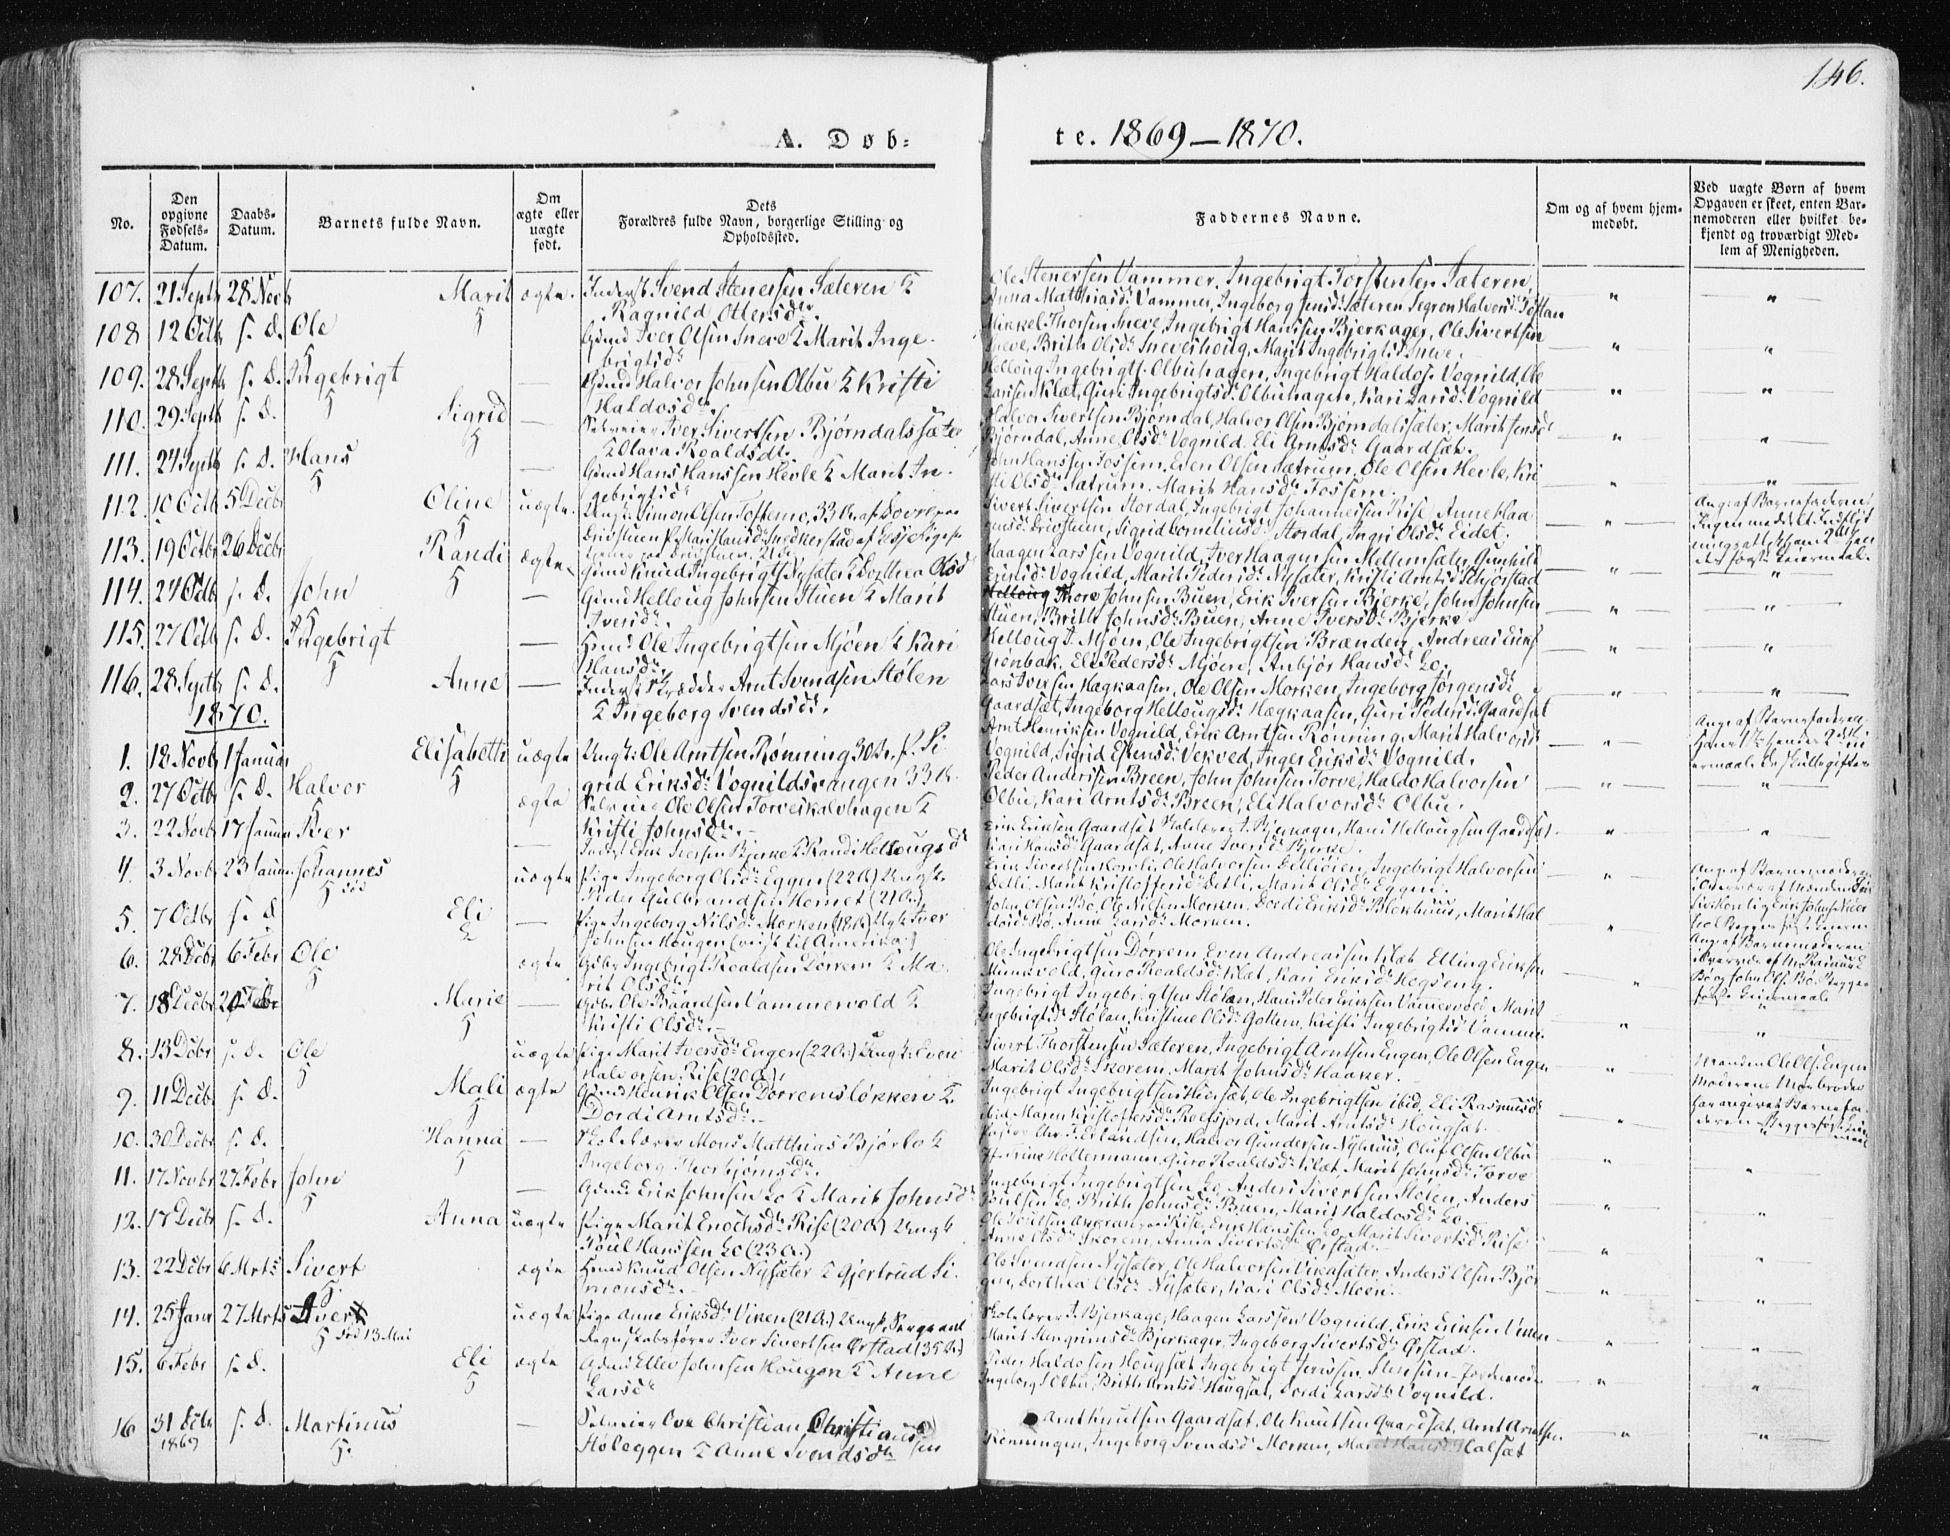 SAT, Ministerialprotokoller, klokkerbøker og fødselsregistre - Sør-Trøndelag, 678/L0899: Ministerialbok nr. 678A08, 1848-1872, s. 146